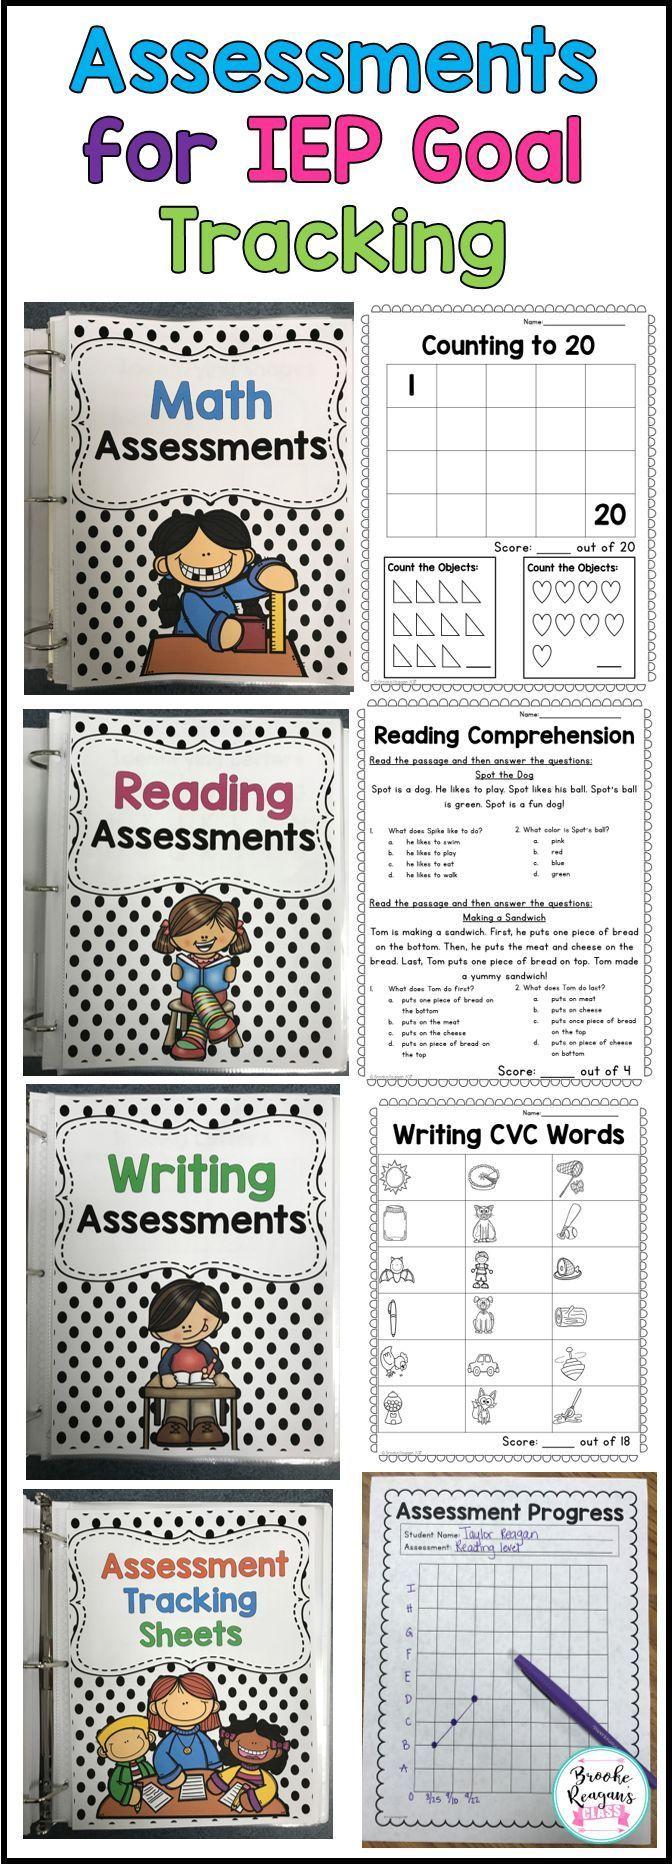 Assessments for IEP Goal Tracking | Recursos para maestros, El aula ...